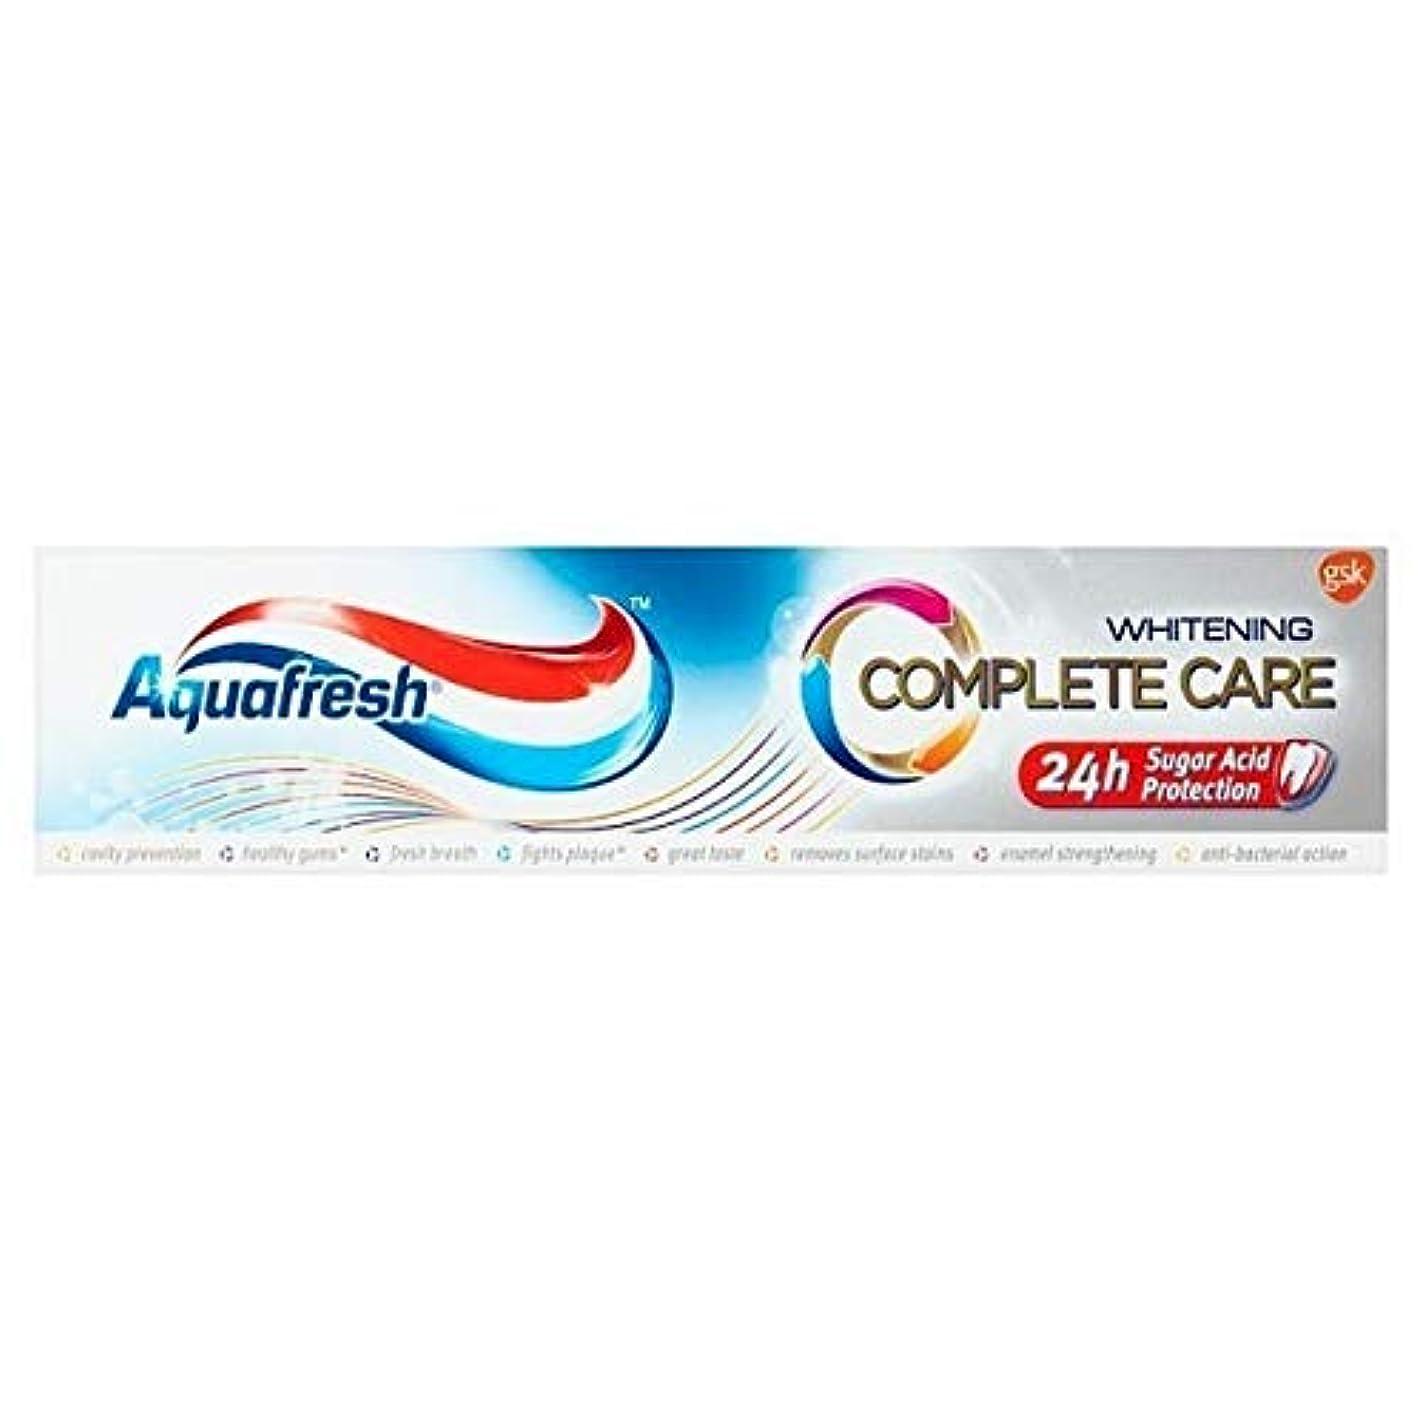 あいまいな気性勇敢な[Aquafresh ] アクアフレッシュ完全なケア美白100ミリリットル - Aquafresh Complete Care Whitening 100ml [並行輸入品]